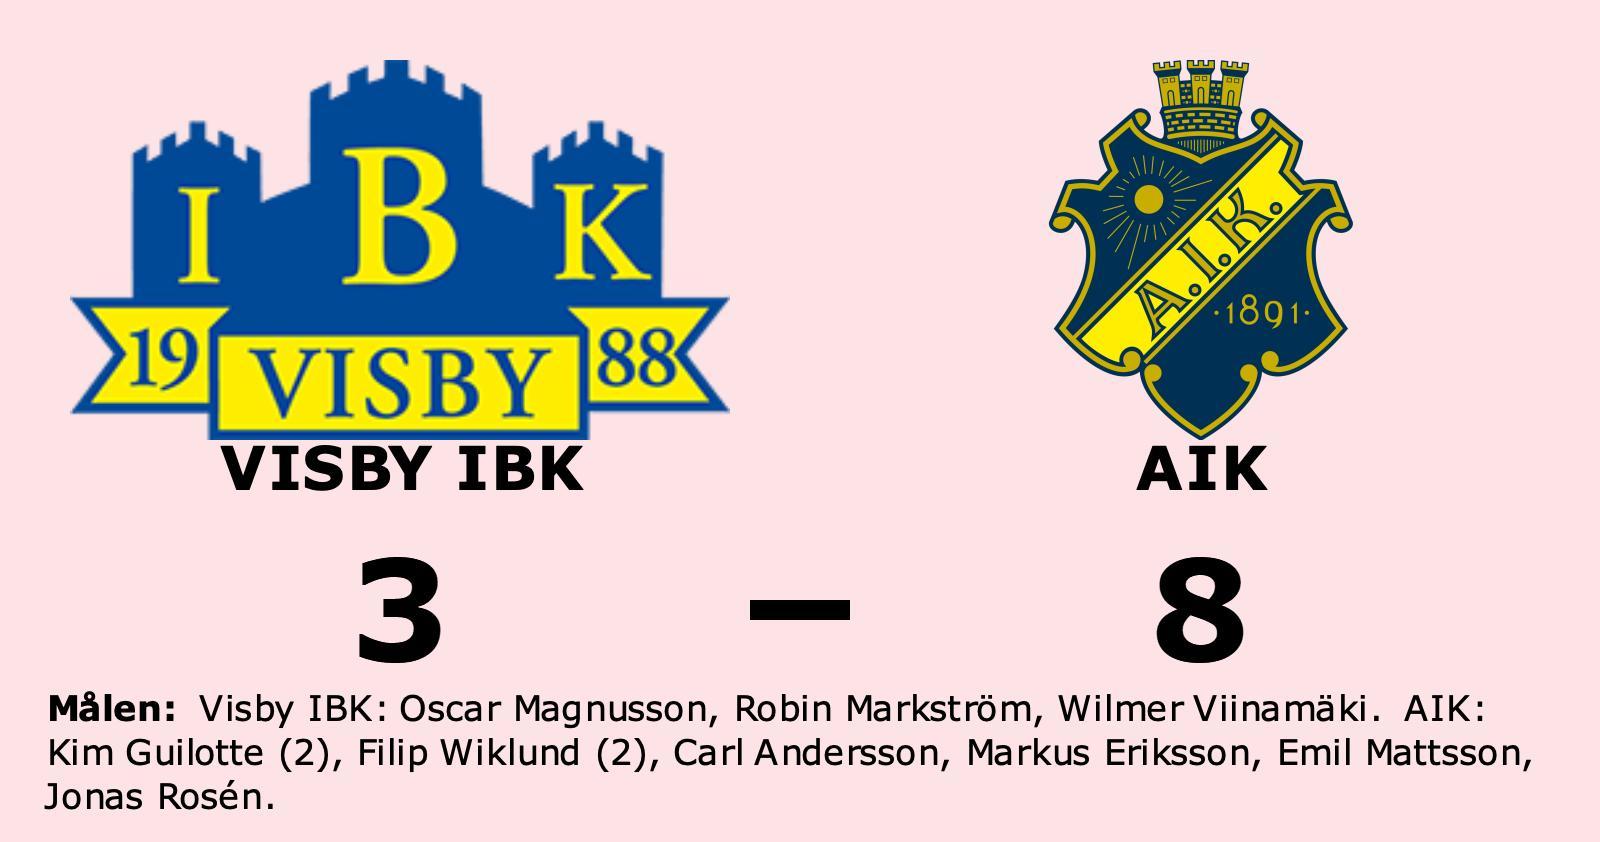 Utklassning när AIK besegrade Visby IBK